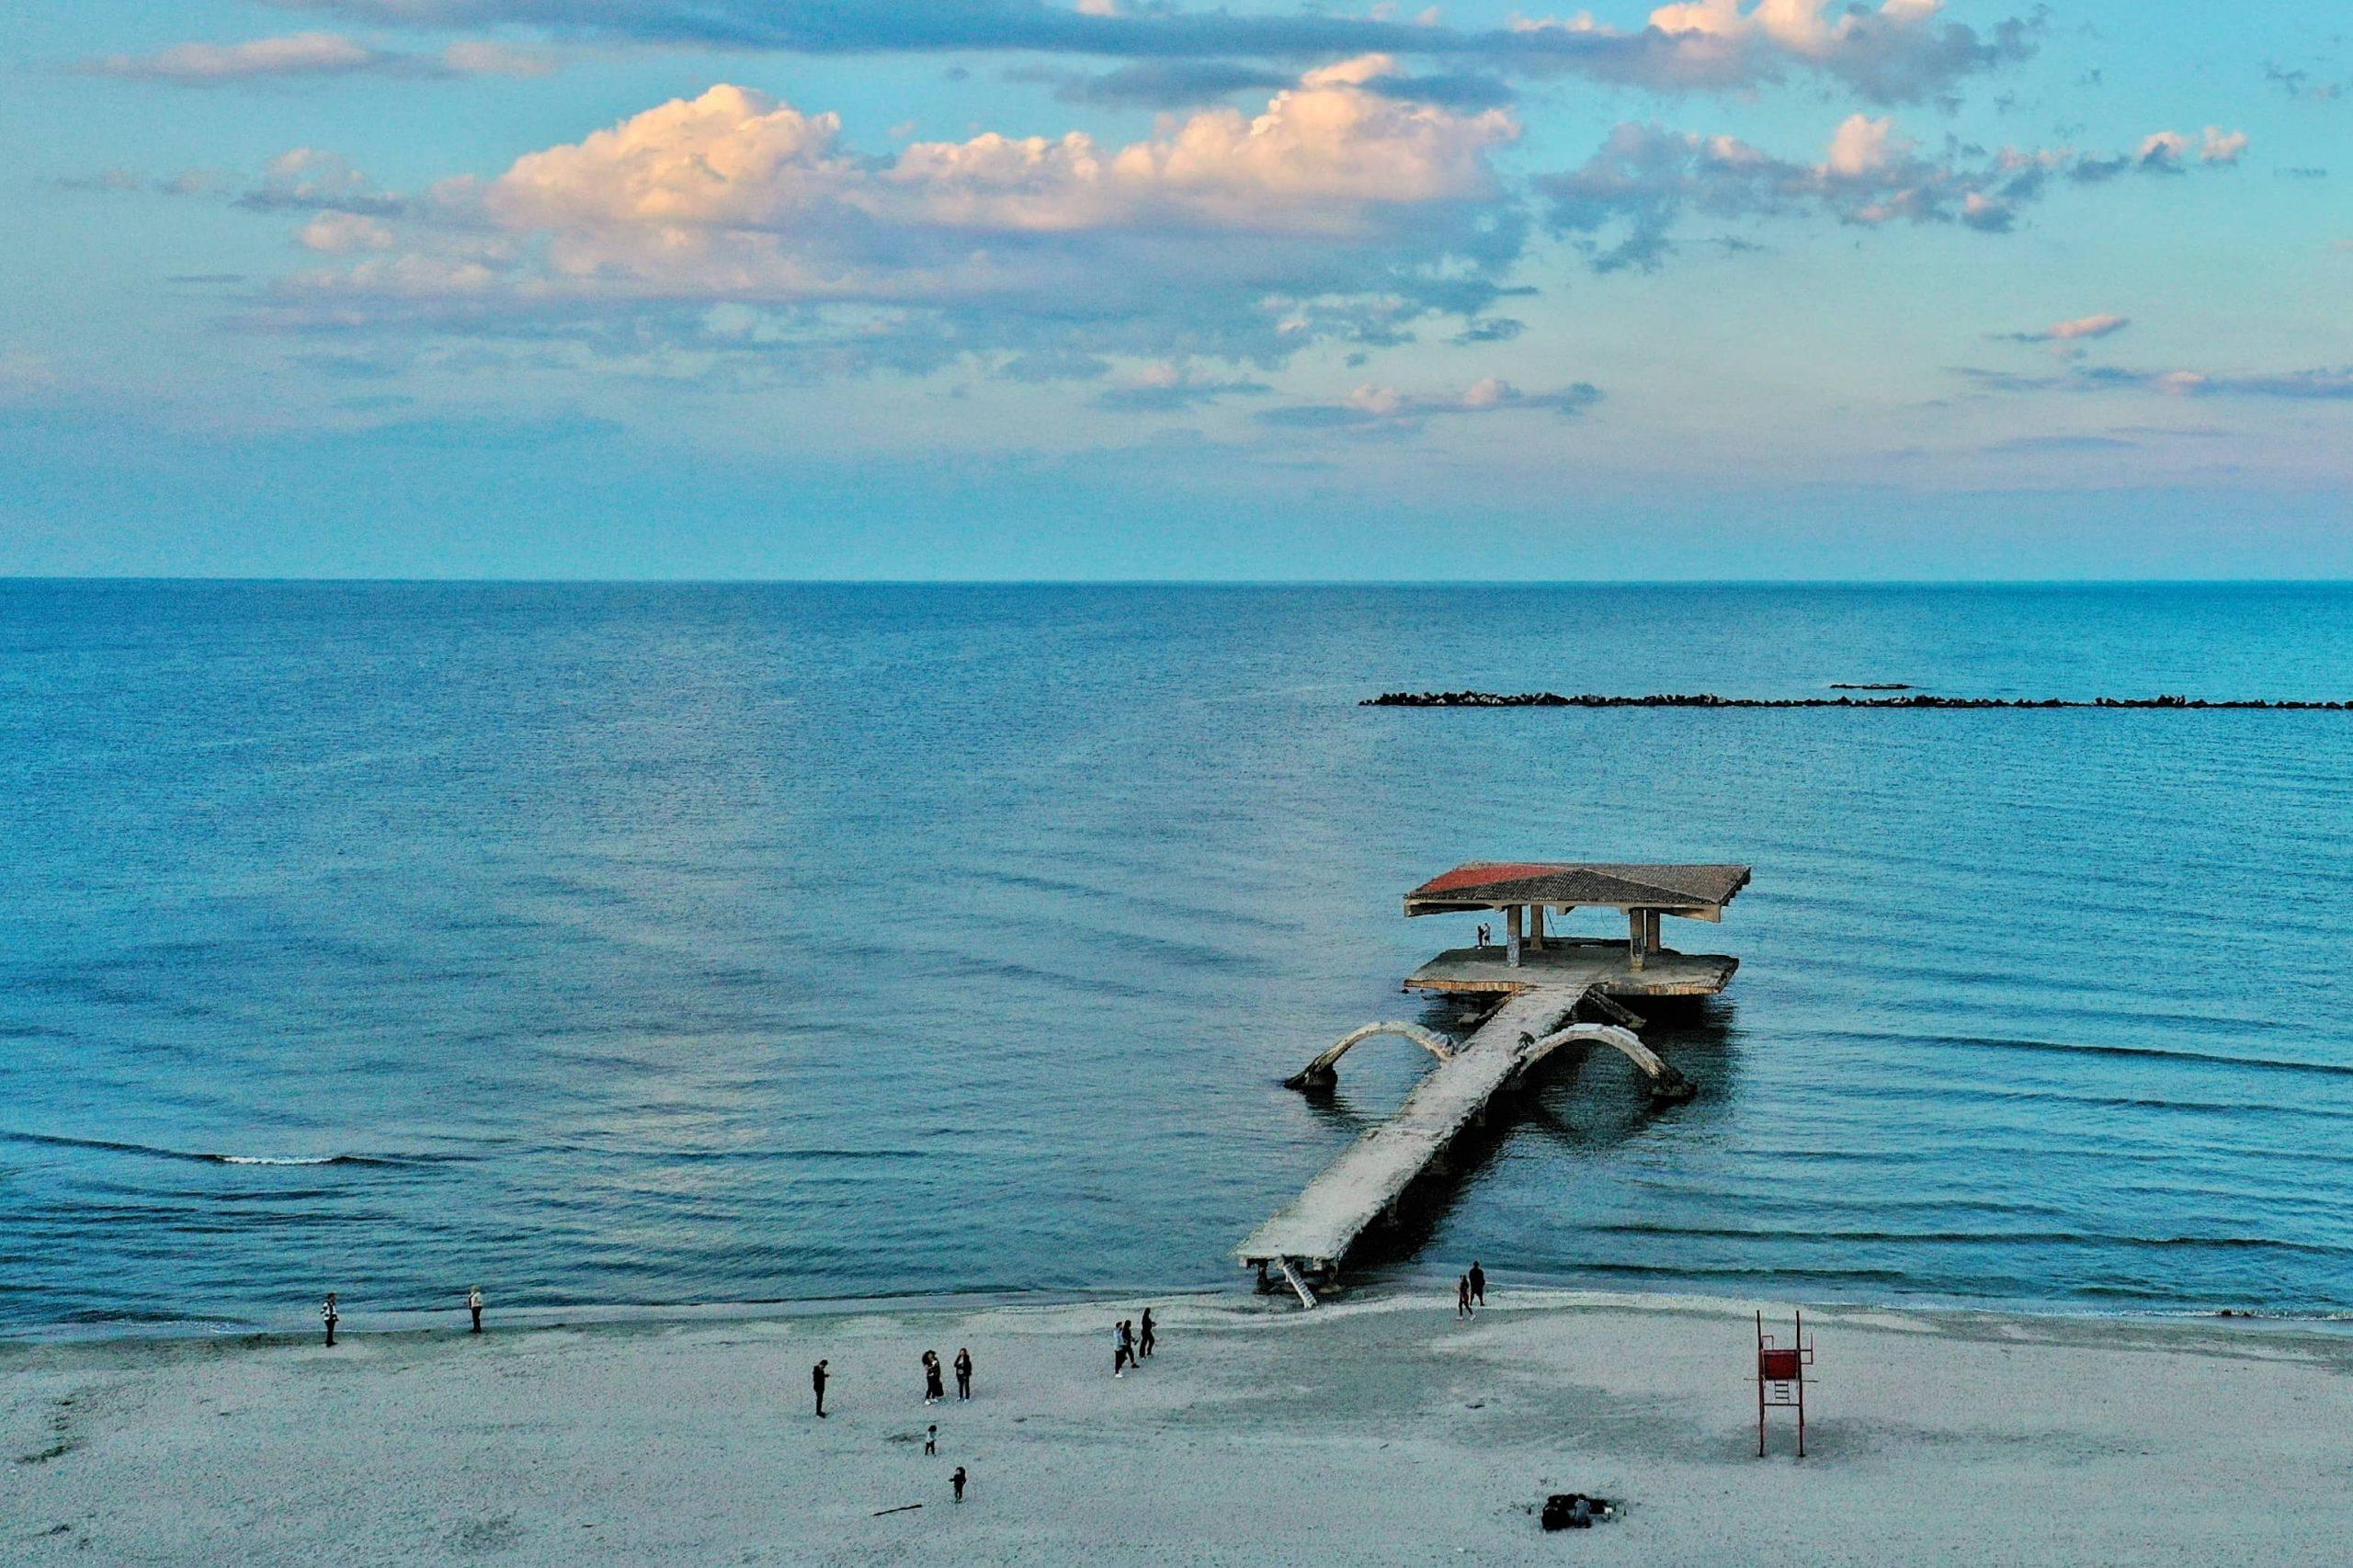 Motivele pentru care Marea Neagră este acum limpede și azurie